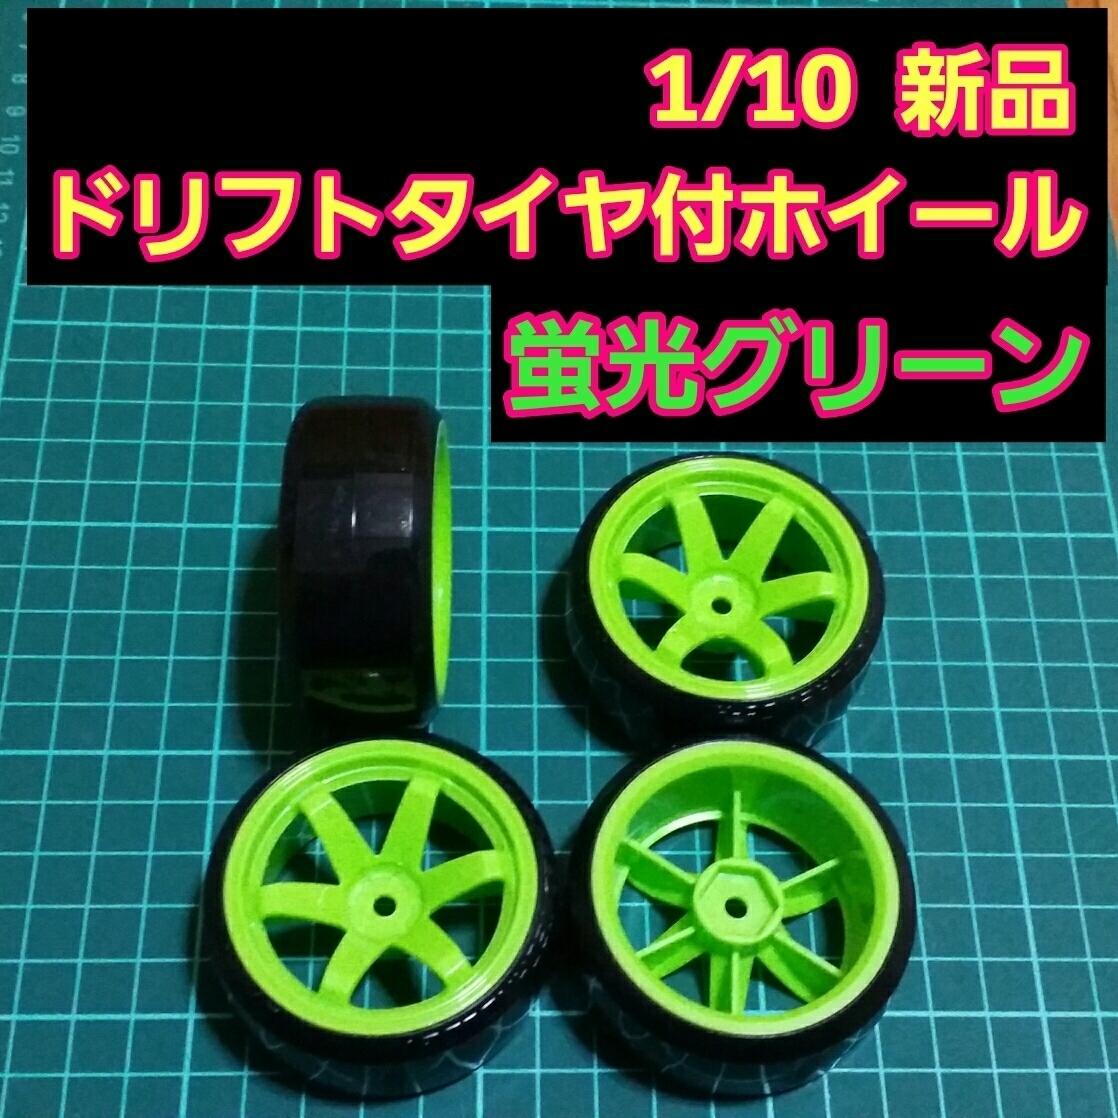 《送料無料》 1/10 ドリフト タイヤ 4本 付 ホイール 新品 蛍光グリーン   ヨコモ タミヤ ラジコン ドリパケ タミヤ TT01 TT02